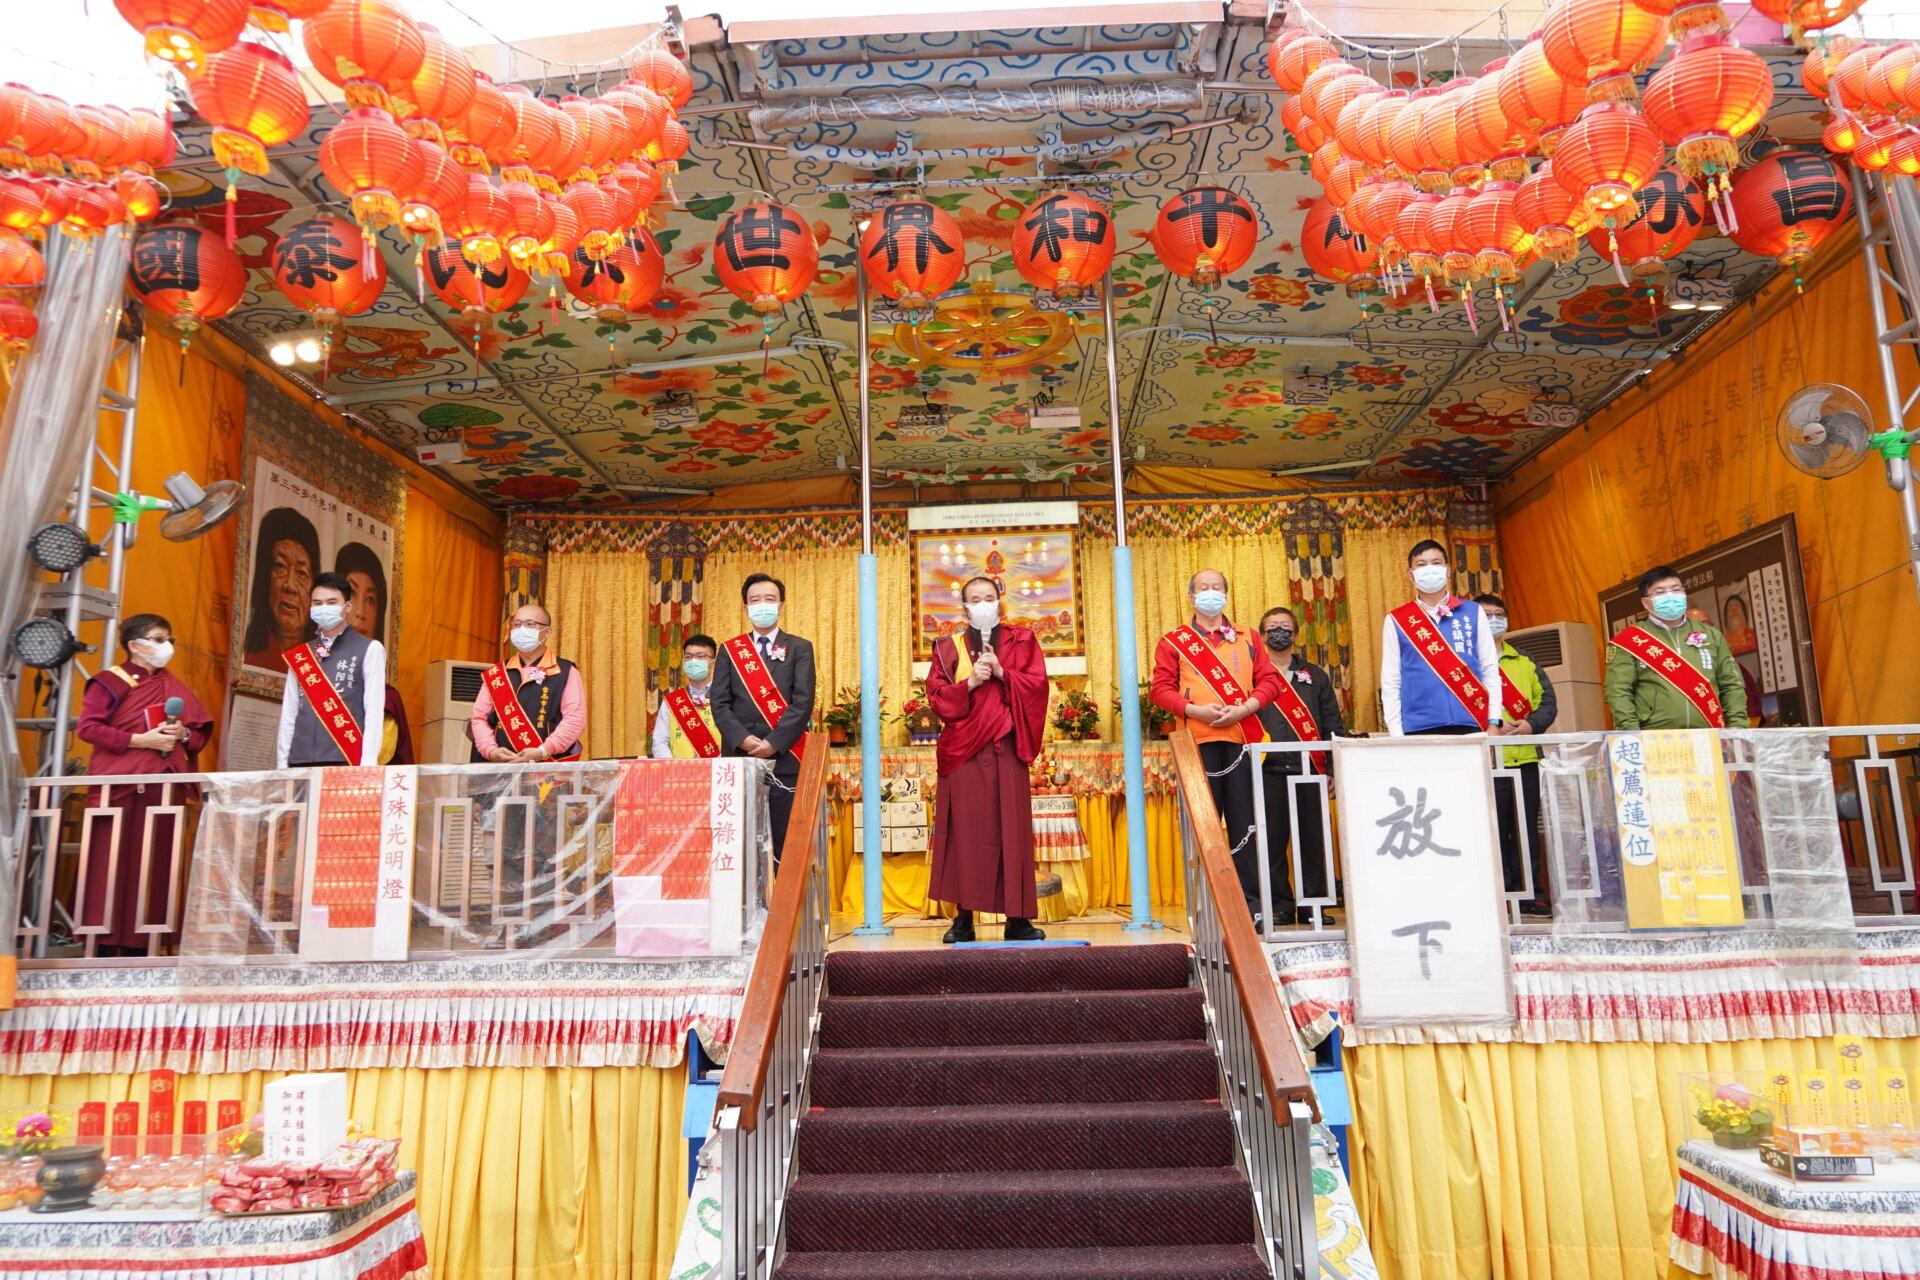 行動佛殿120站台南永康,本會指導上師感謝貴賓蒞臨祈福